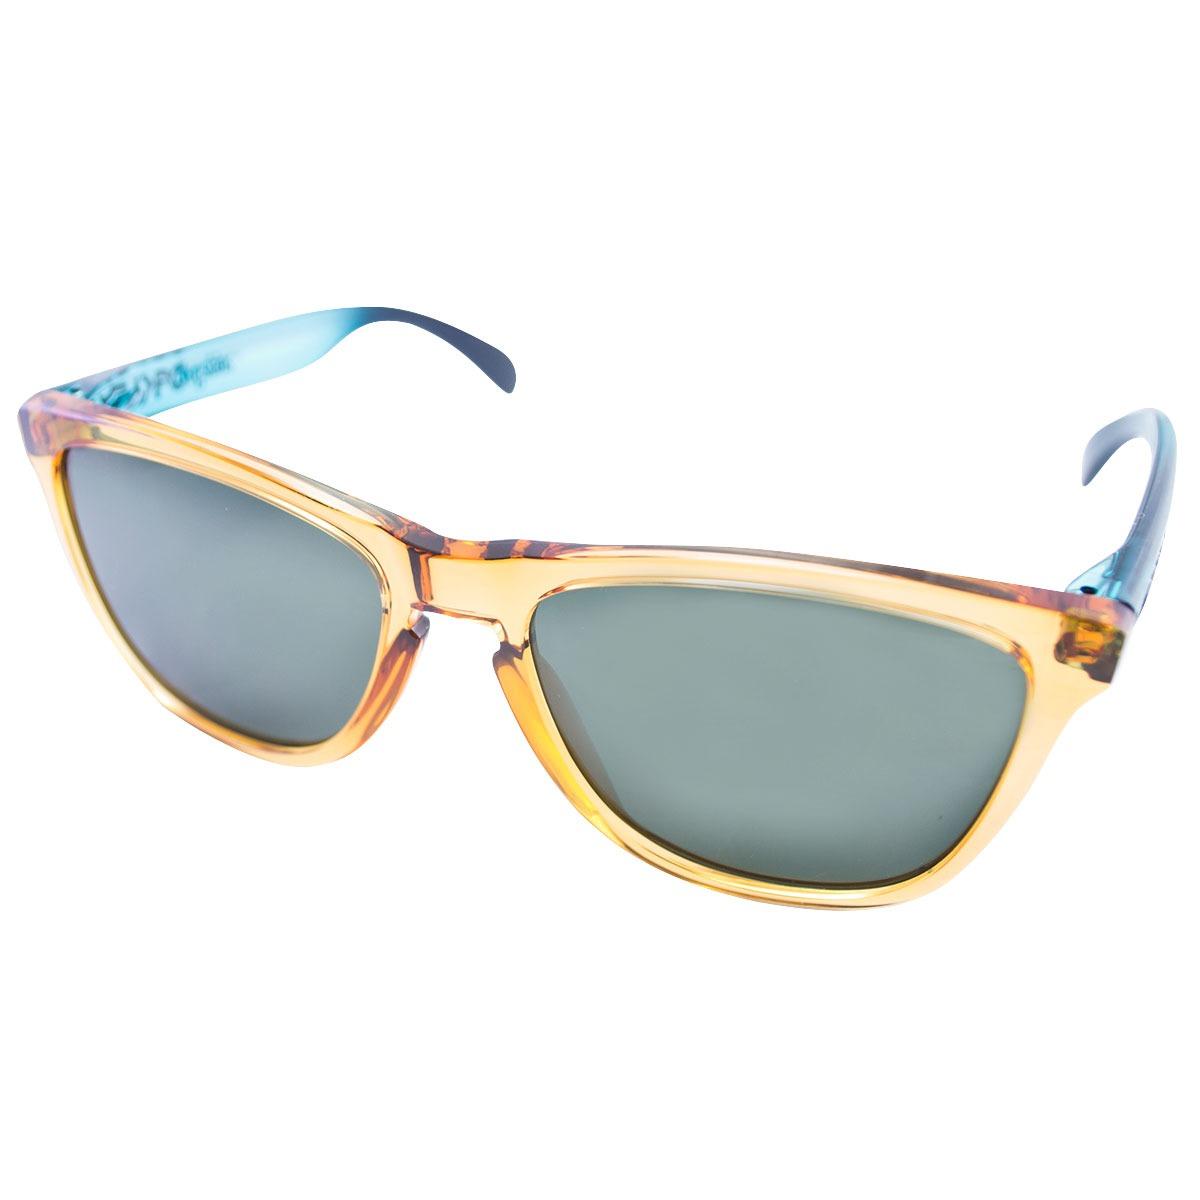 be6e6189032e1 Óculos Oakley Frogskins - R  449,90 em Mercado Livre